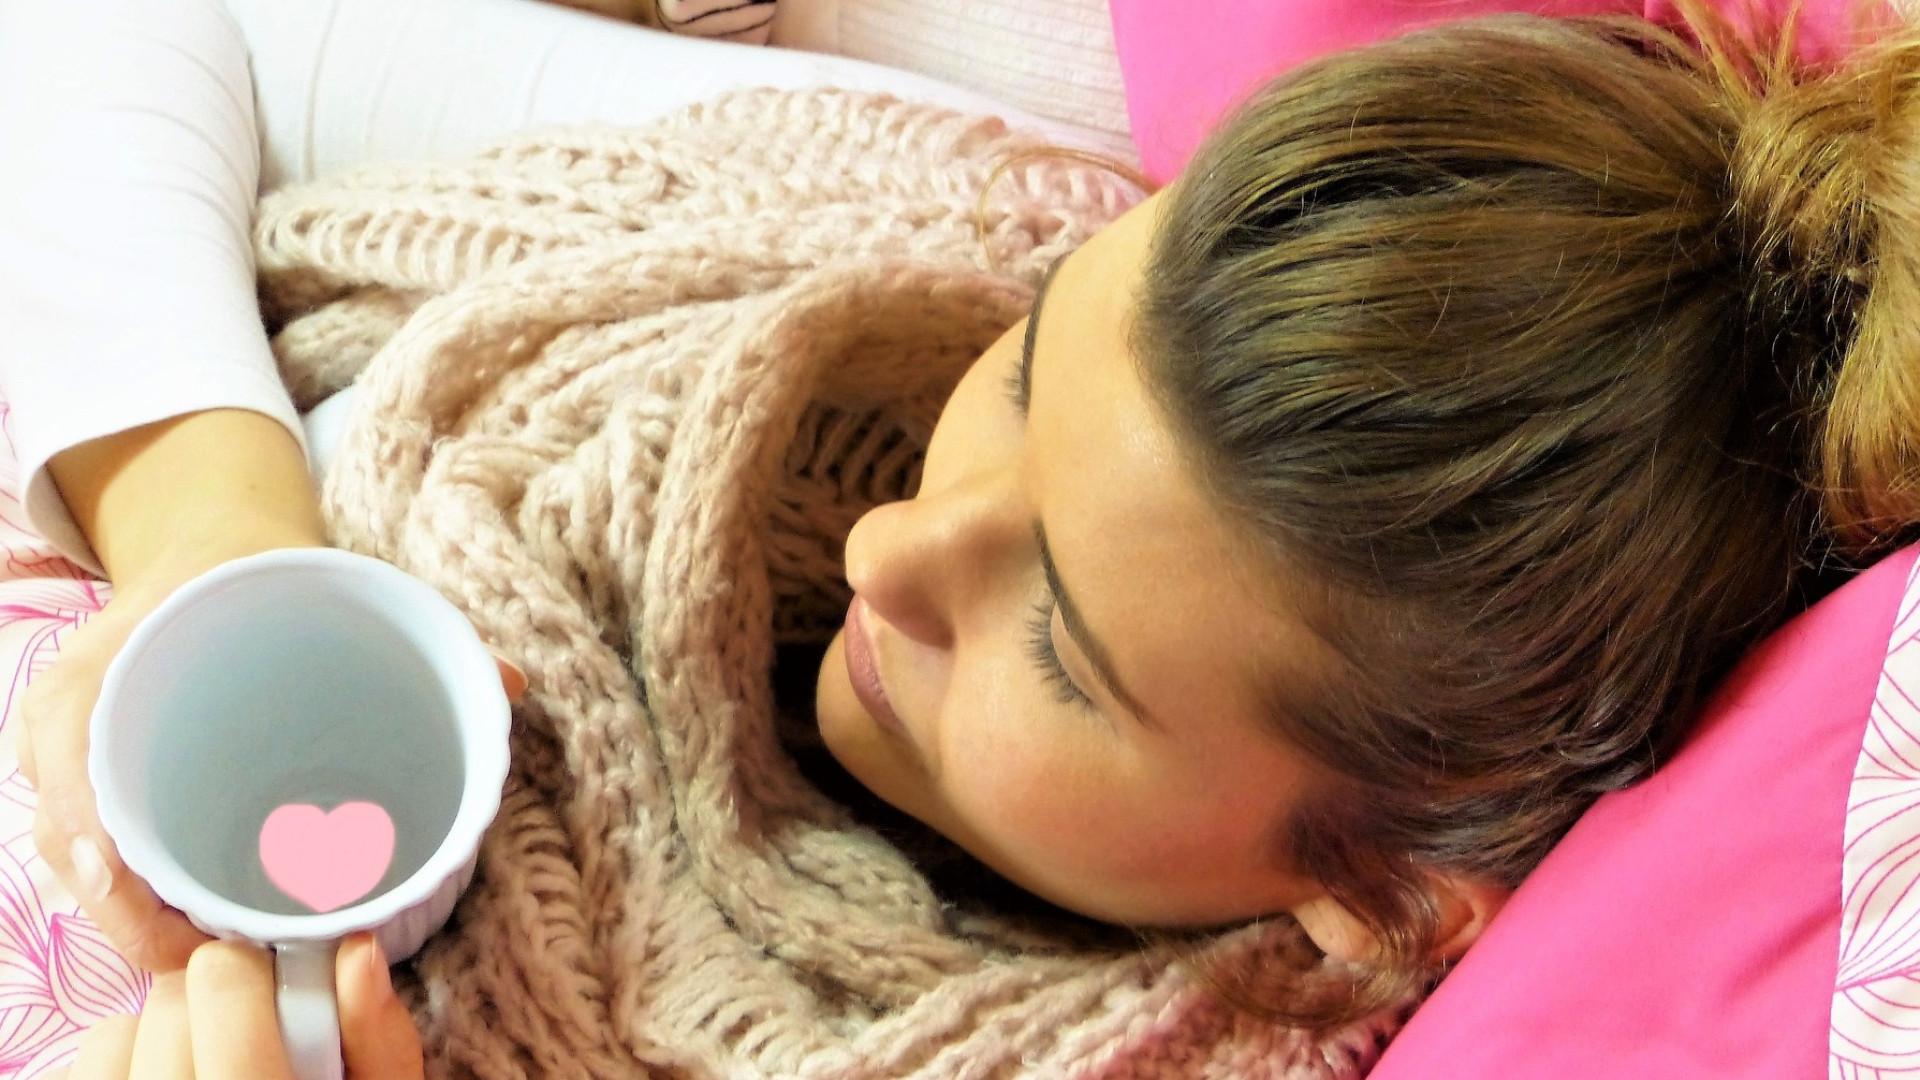 No Outono, cuidado com as doenças típicas da estação